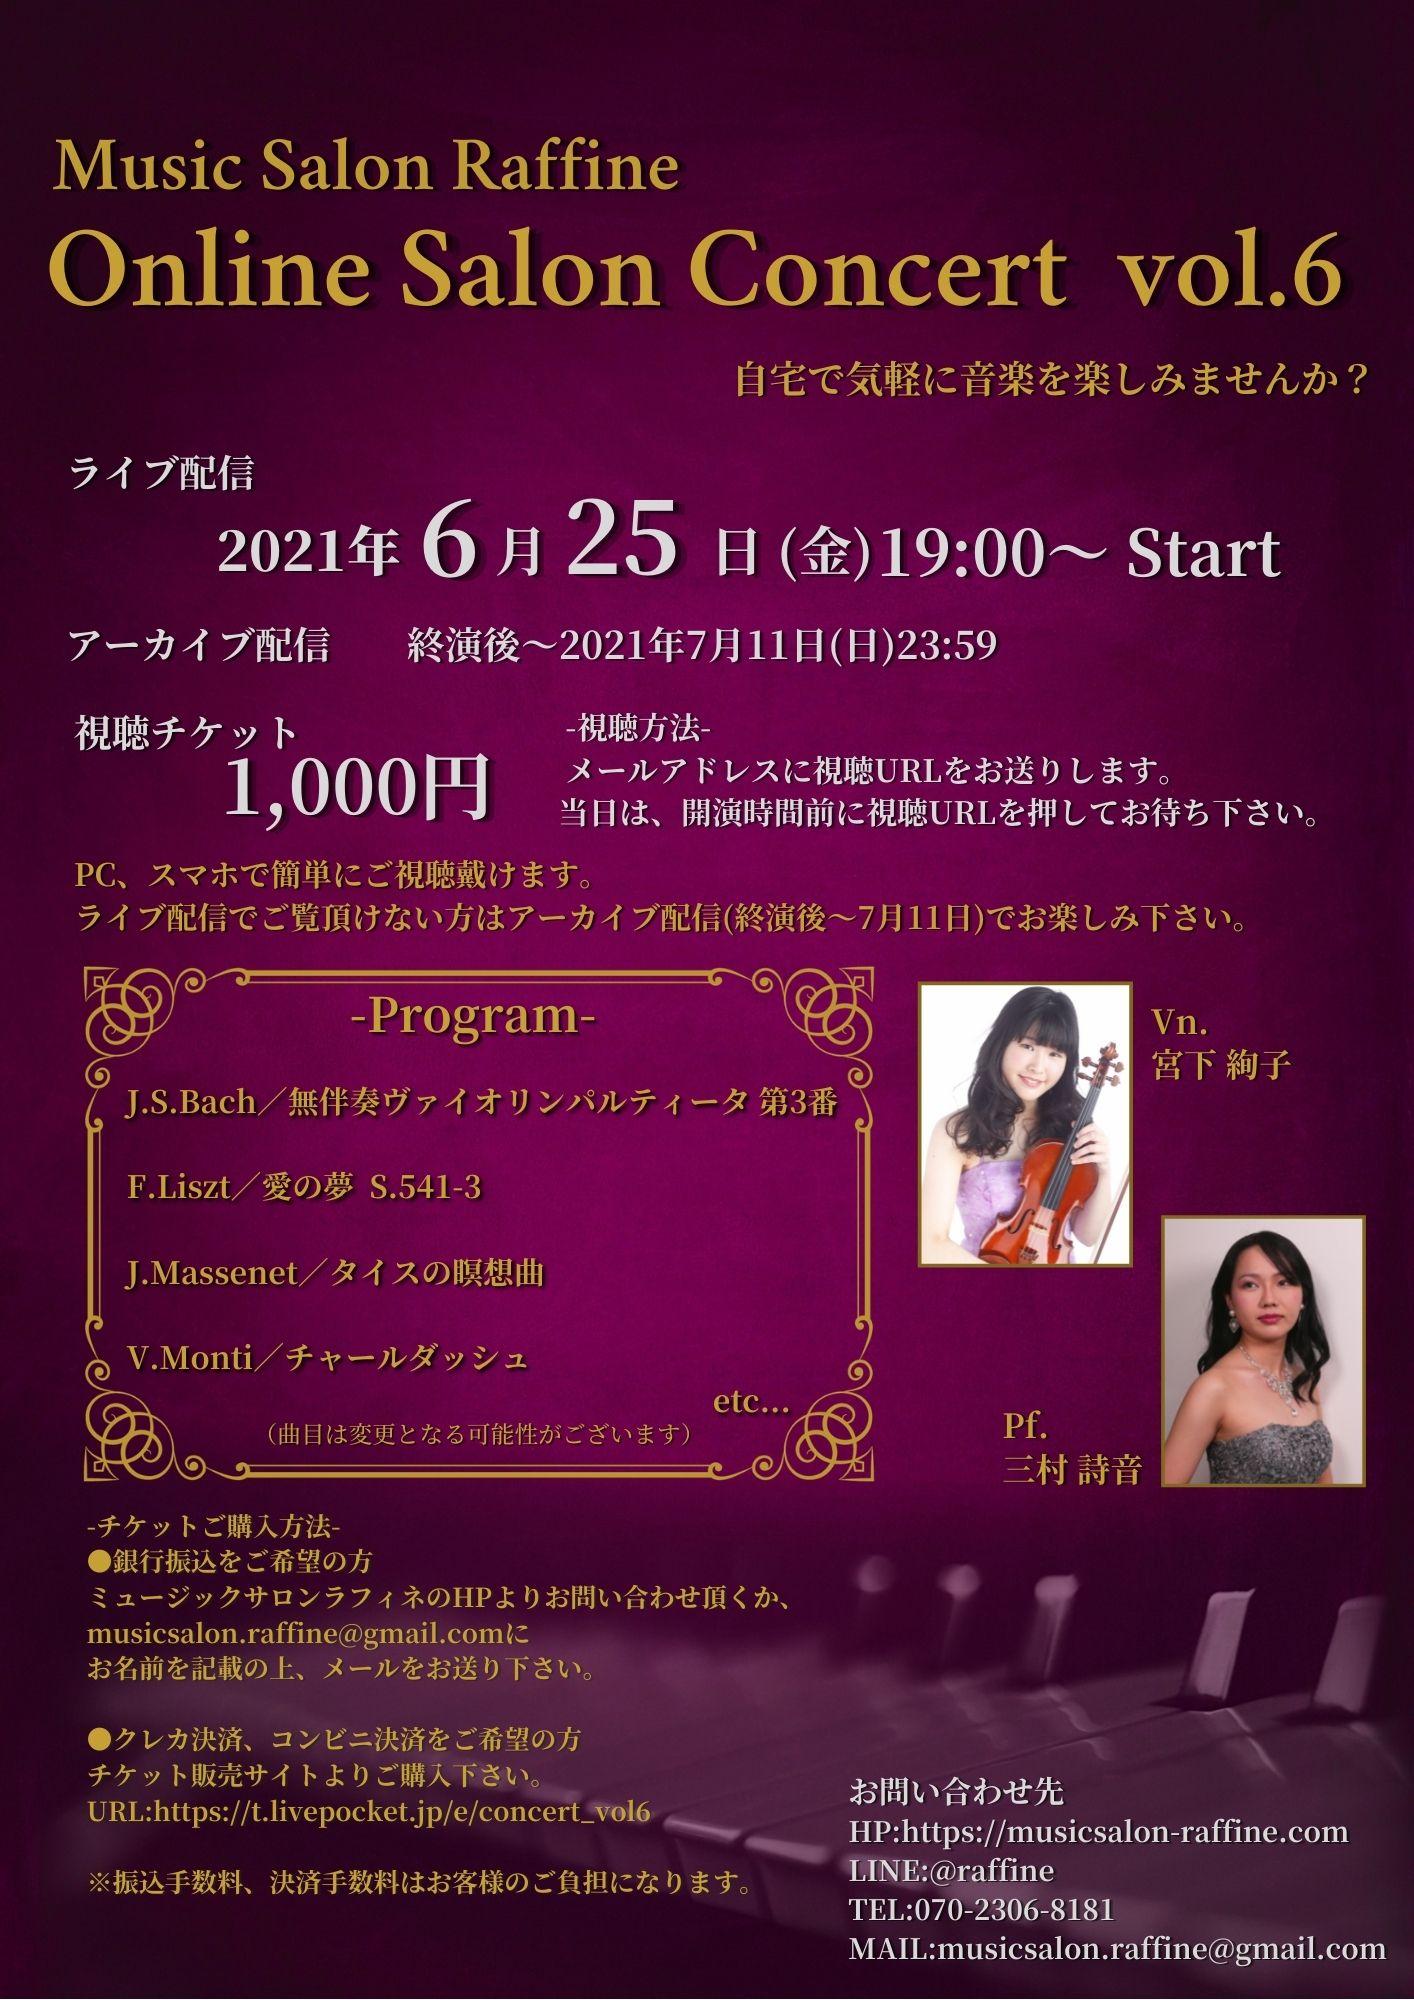 オンラインサロンコンサート vol.6